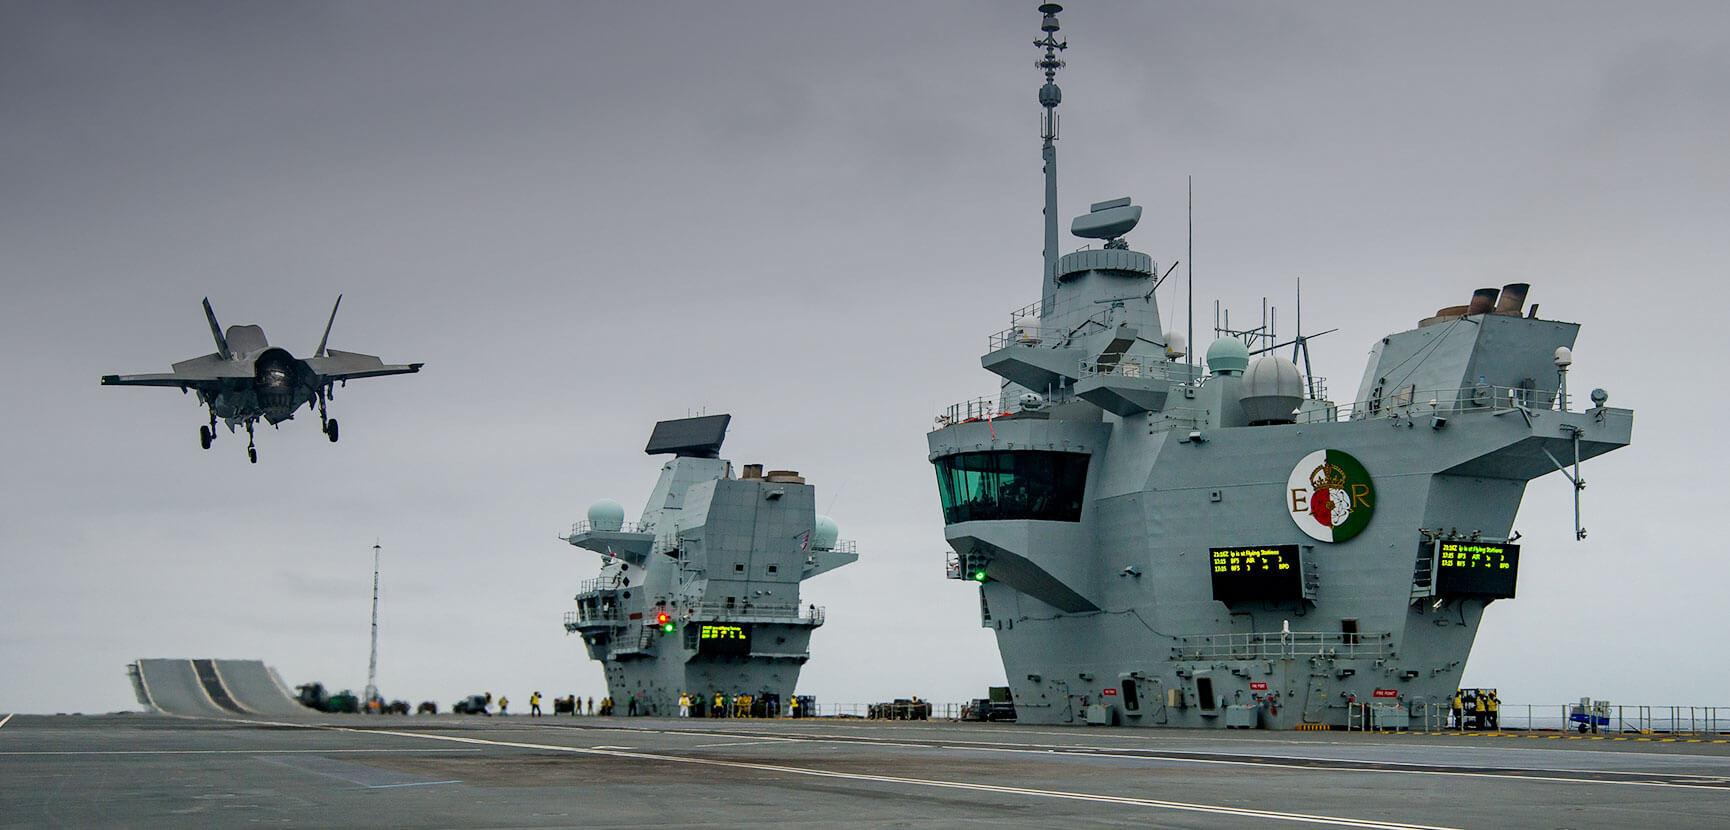 F-35 HMS Queen Elizabeth